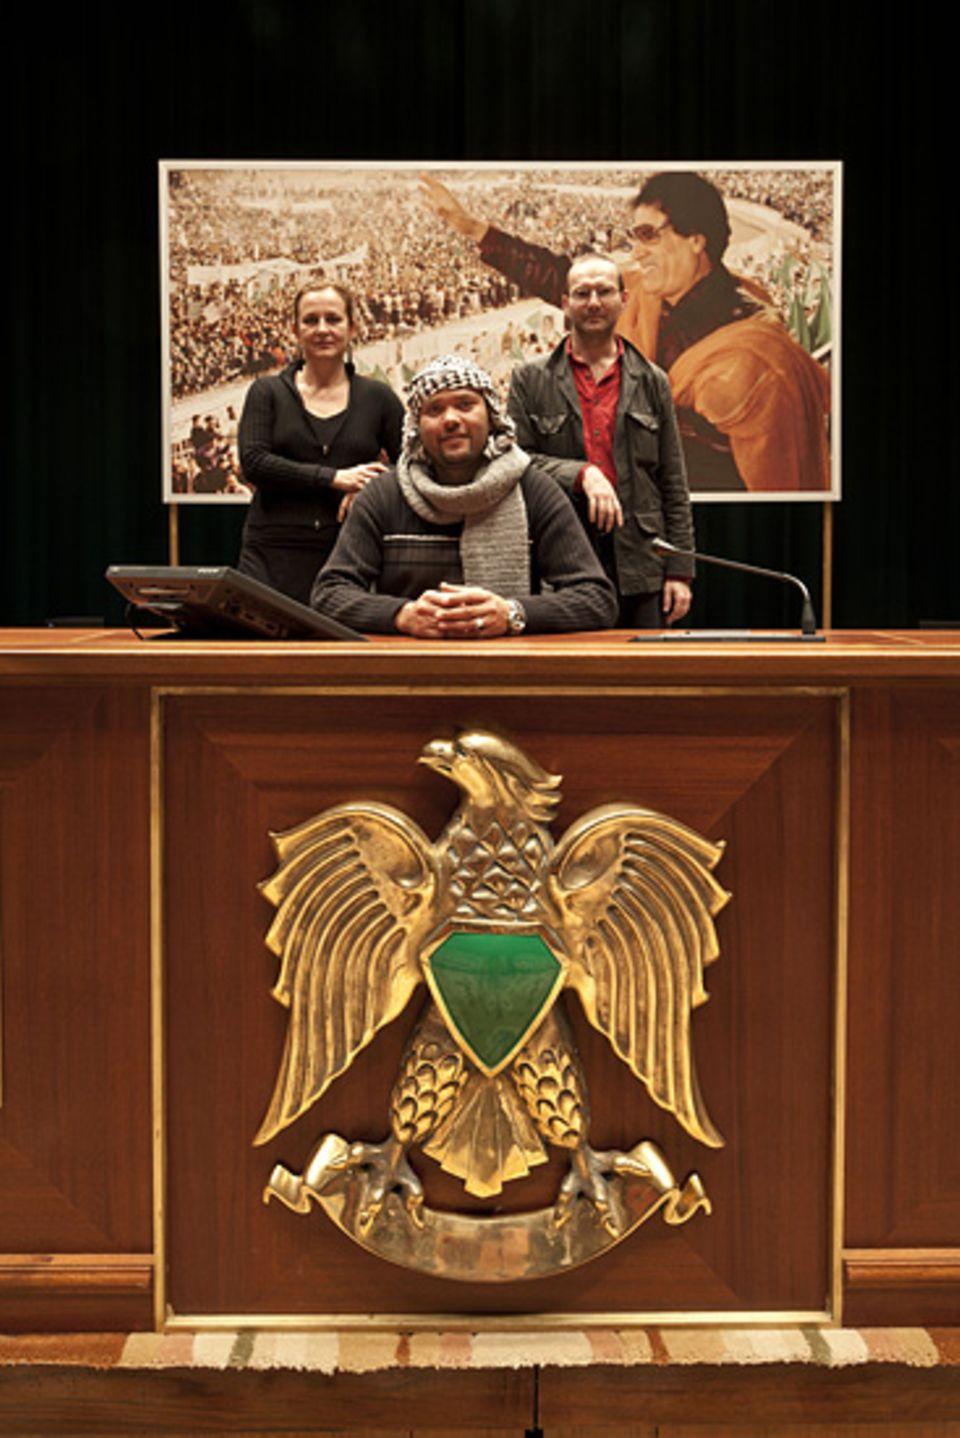 Unruhen in Libyen: GEO-Redakteurin Gabriele Riedle und Fotograf Kai Wiedenhöfer im Parlament Libyens – wenige Tage bevor es in Brand gesetzt wurde